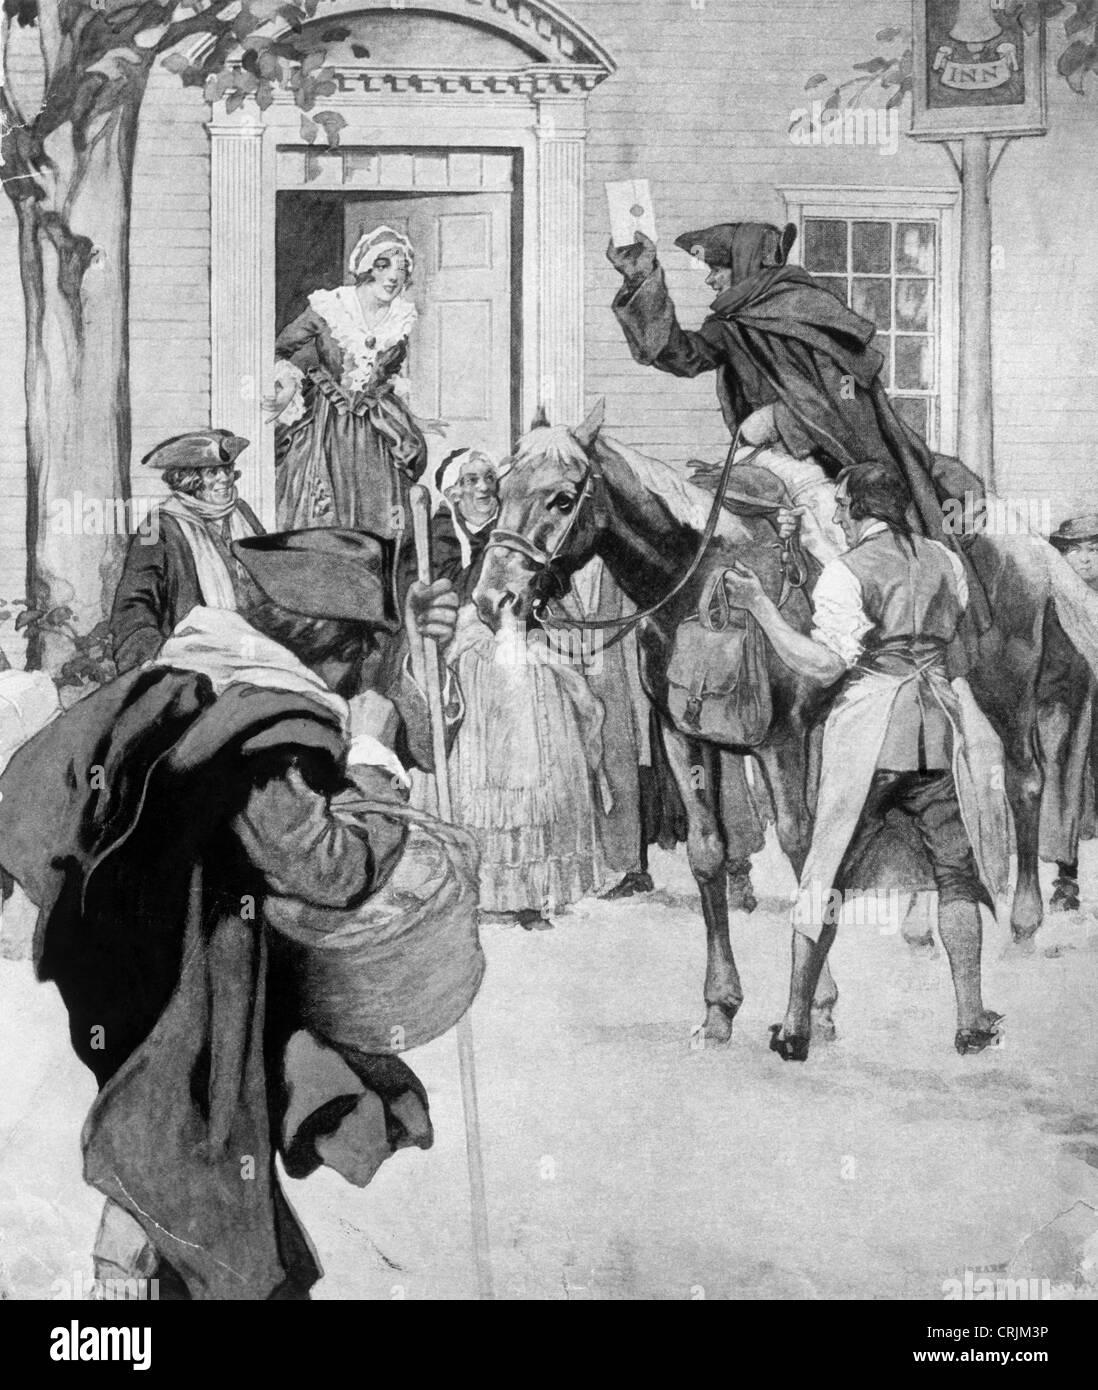 Ilustración del servicio de correo colonial Imagen De Stock